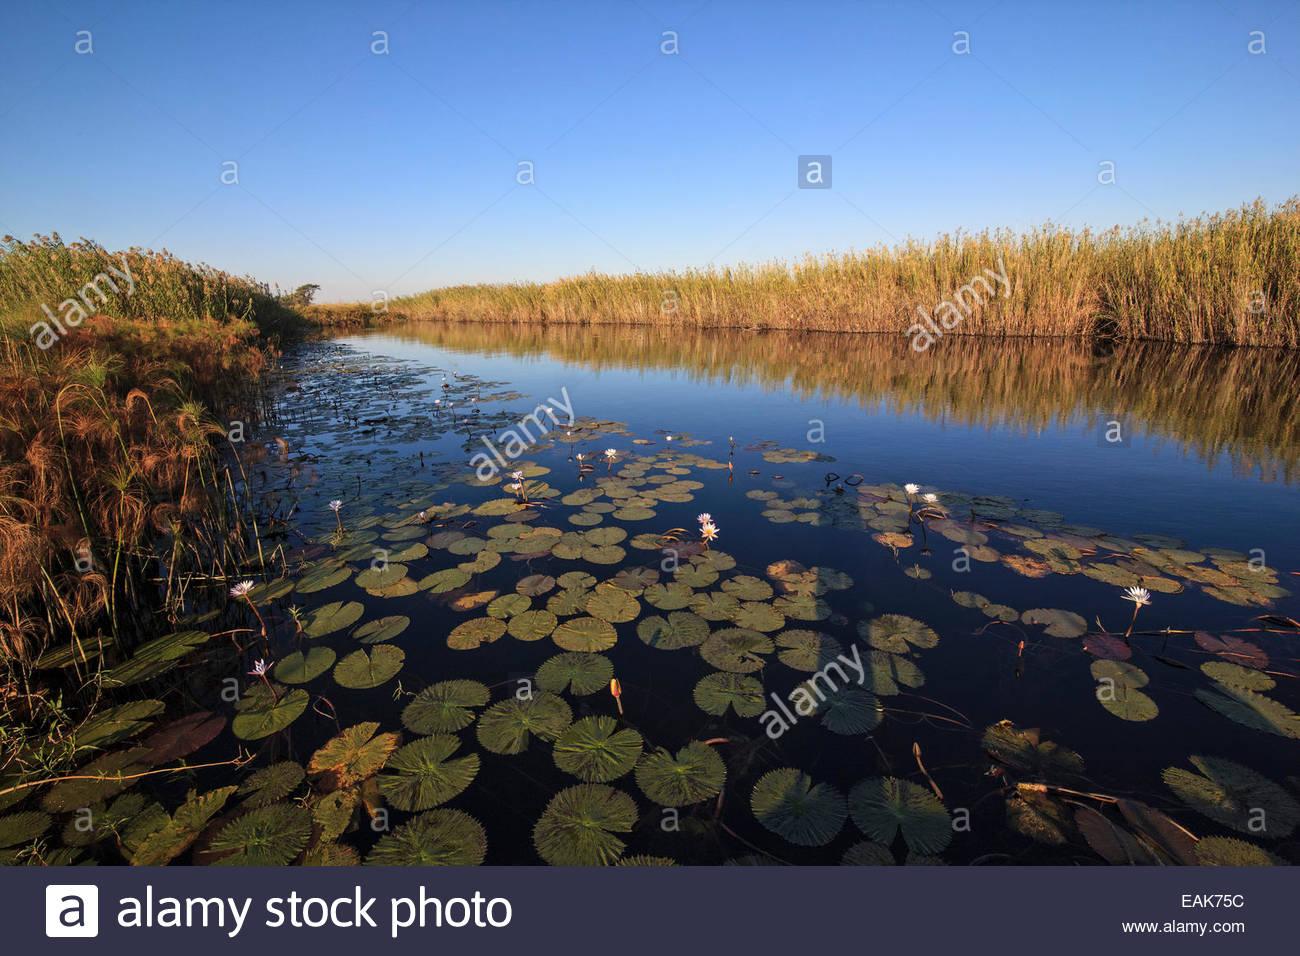 Okavango River, Panhandle region, Okavango Delta, North-West District, Botswana - Stock Image